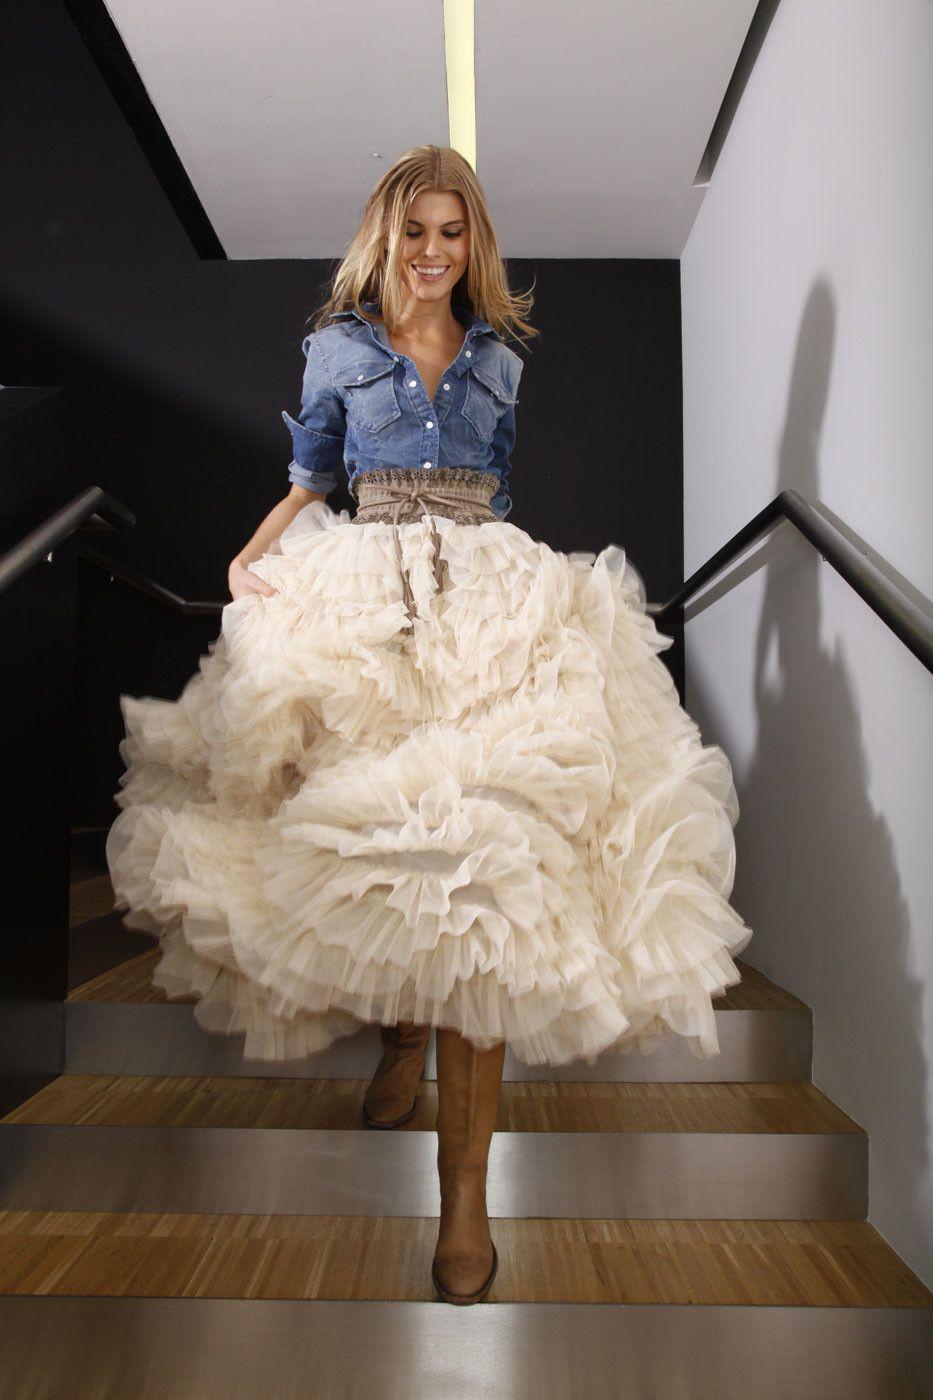 пышная юбкамиди с воланами Одеждаобразы pinterest image